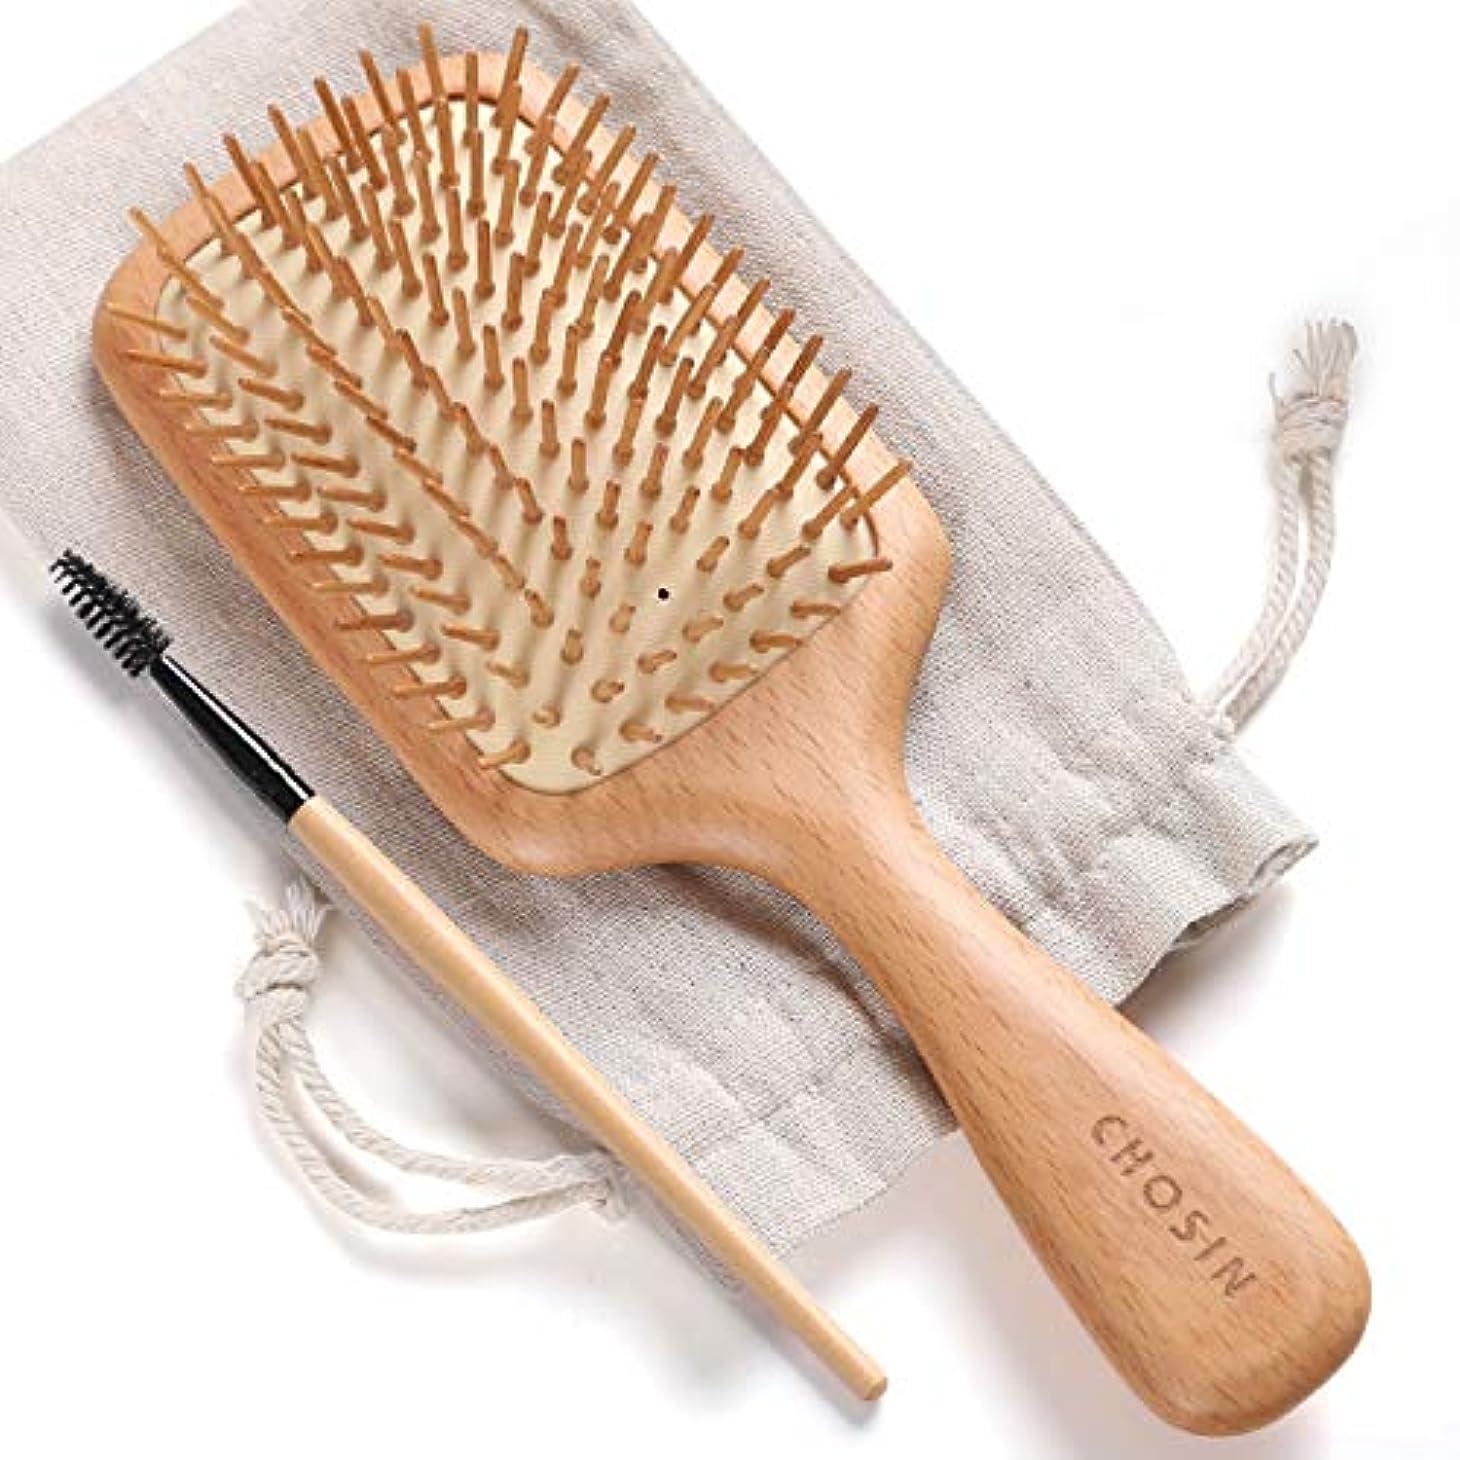 裁判官アメリカ密ヘアブラシ CHOSIN 頭皮マッサージ 木製櫛 髪をなめらかにする ヘアケア 静電気防止脱毛防止頭皮の圧迫軽減 男性と女性への適用